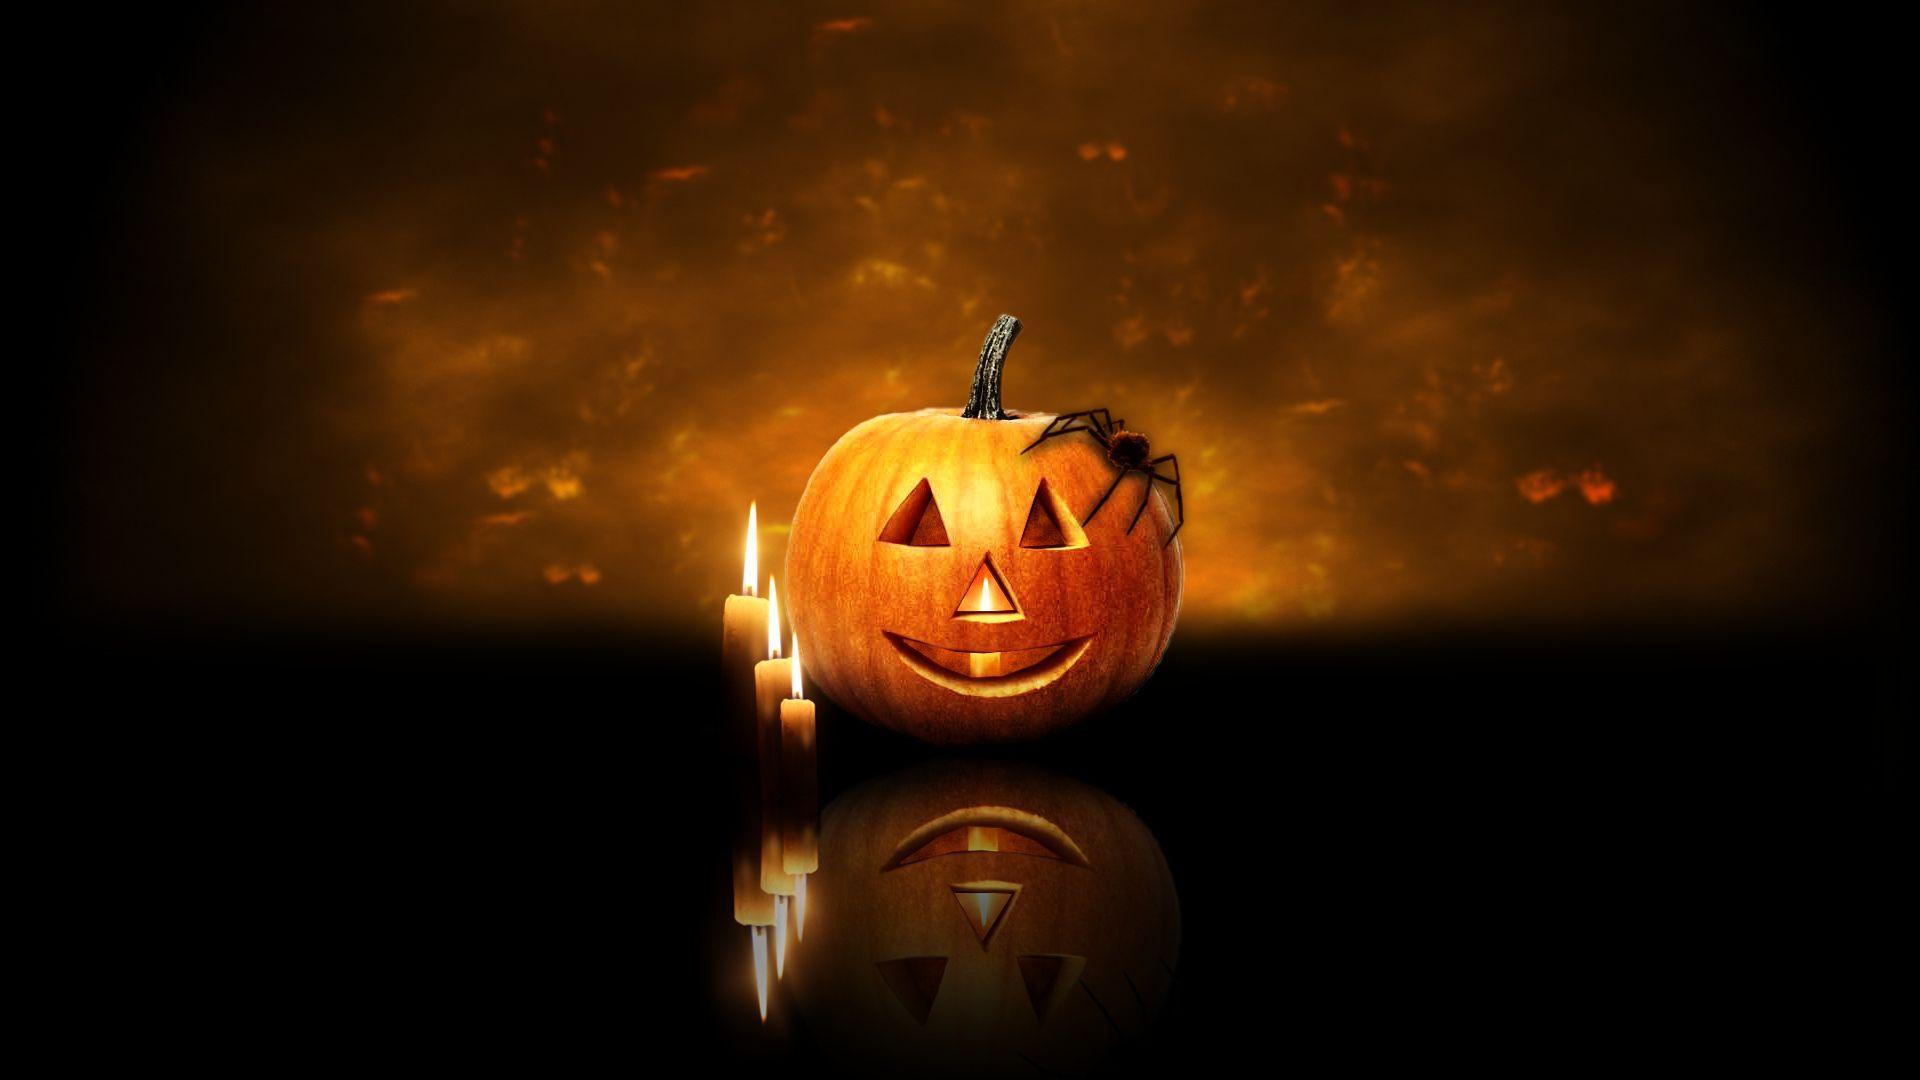 halloween wallpaper images